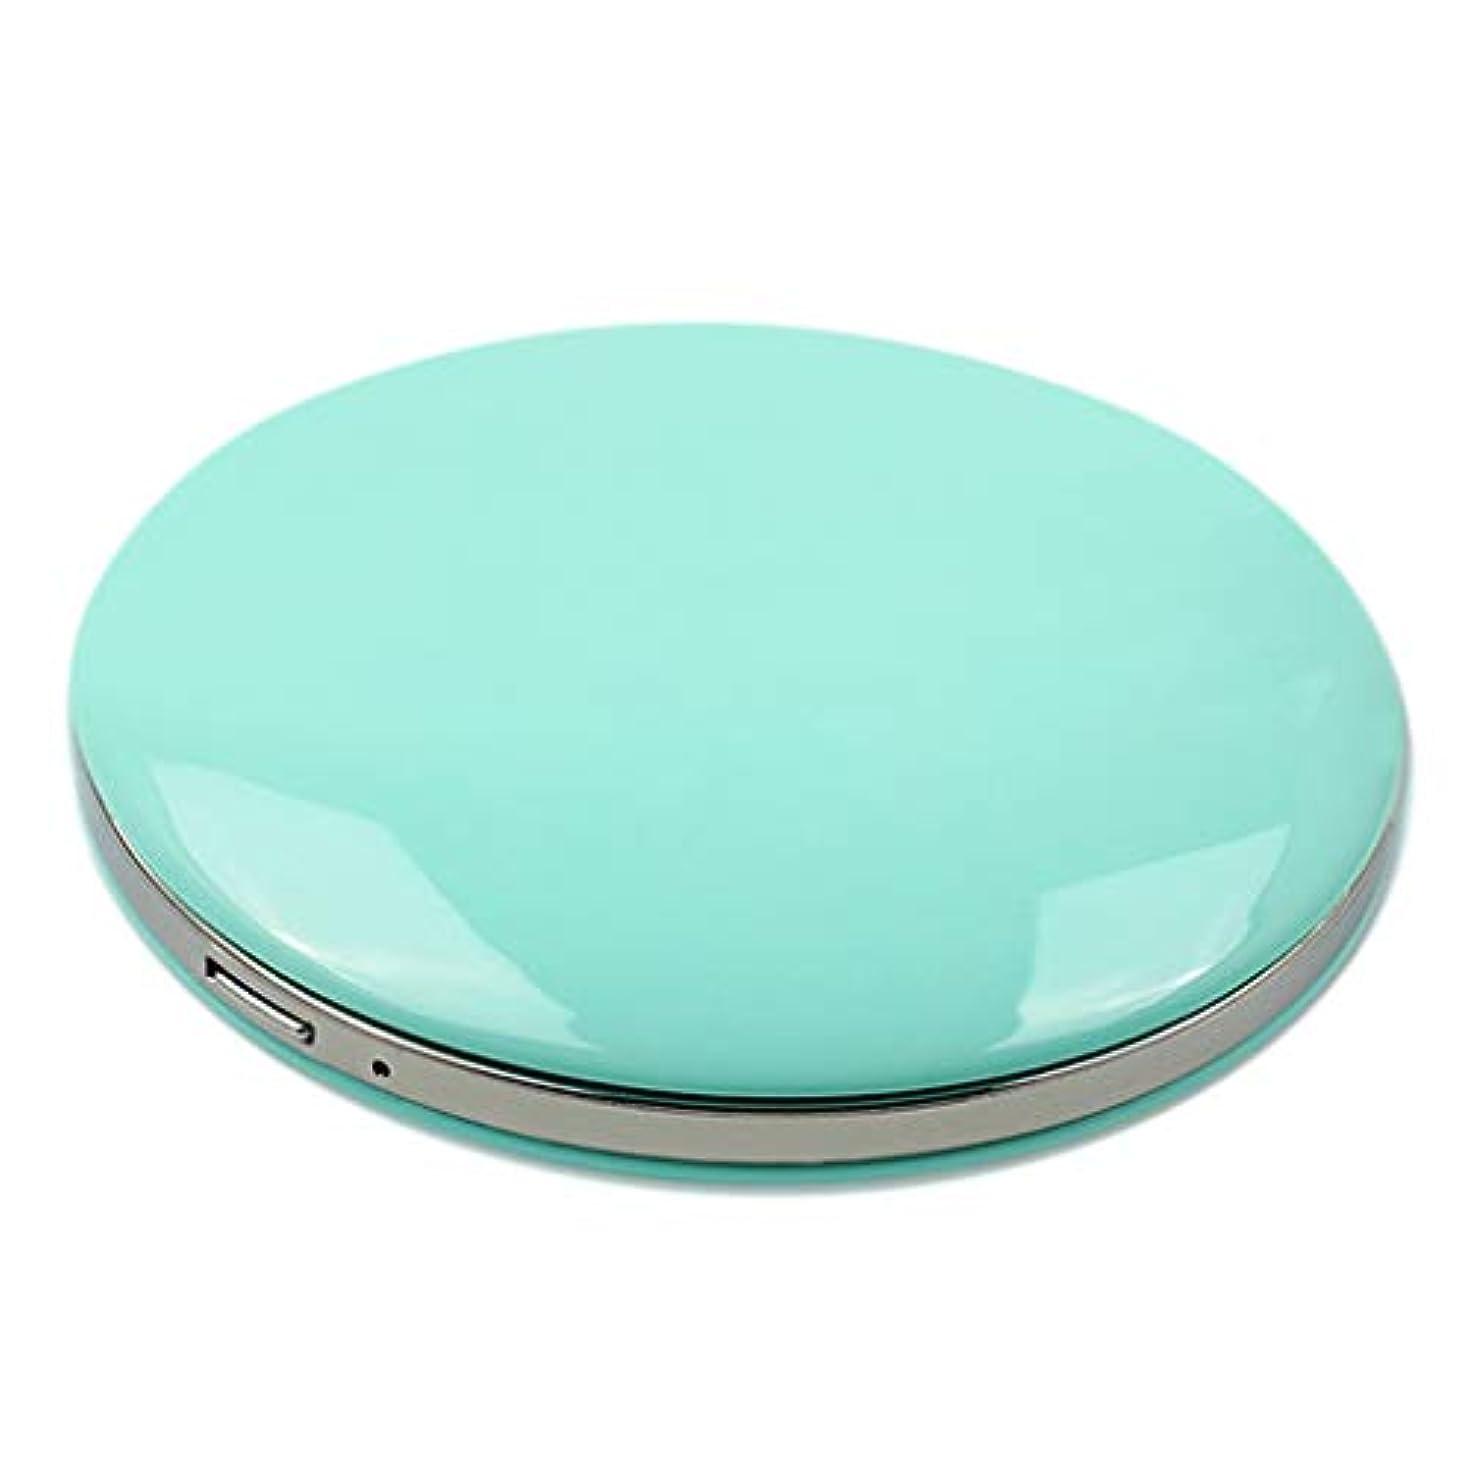 姪報復する擬人化コンパクトミラー 拡大鏡付き 3倍 LED付き 化粧鏡 携帯ミラー 化粧鏡 手持式 持ち運び 全5色 - 緑